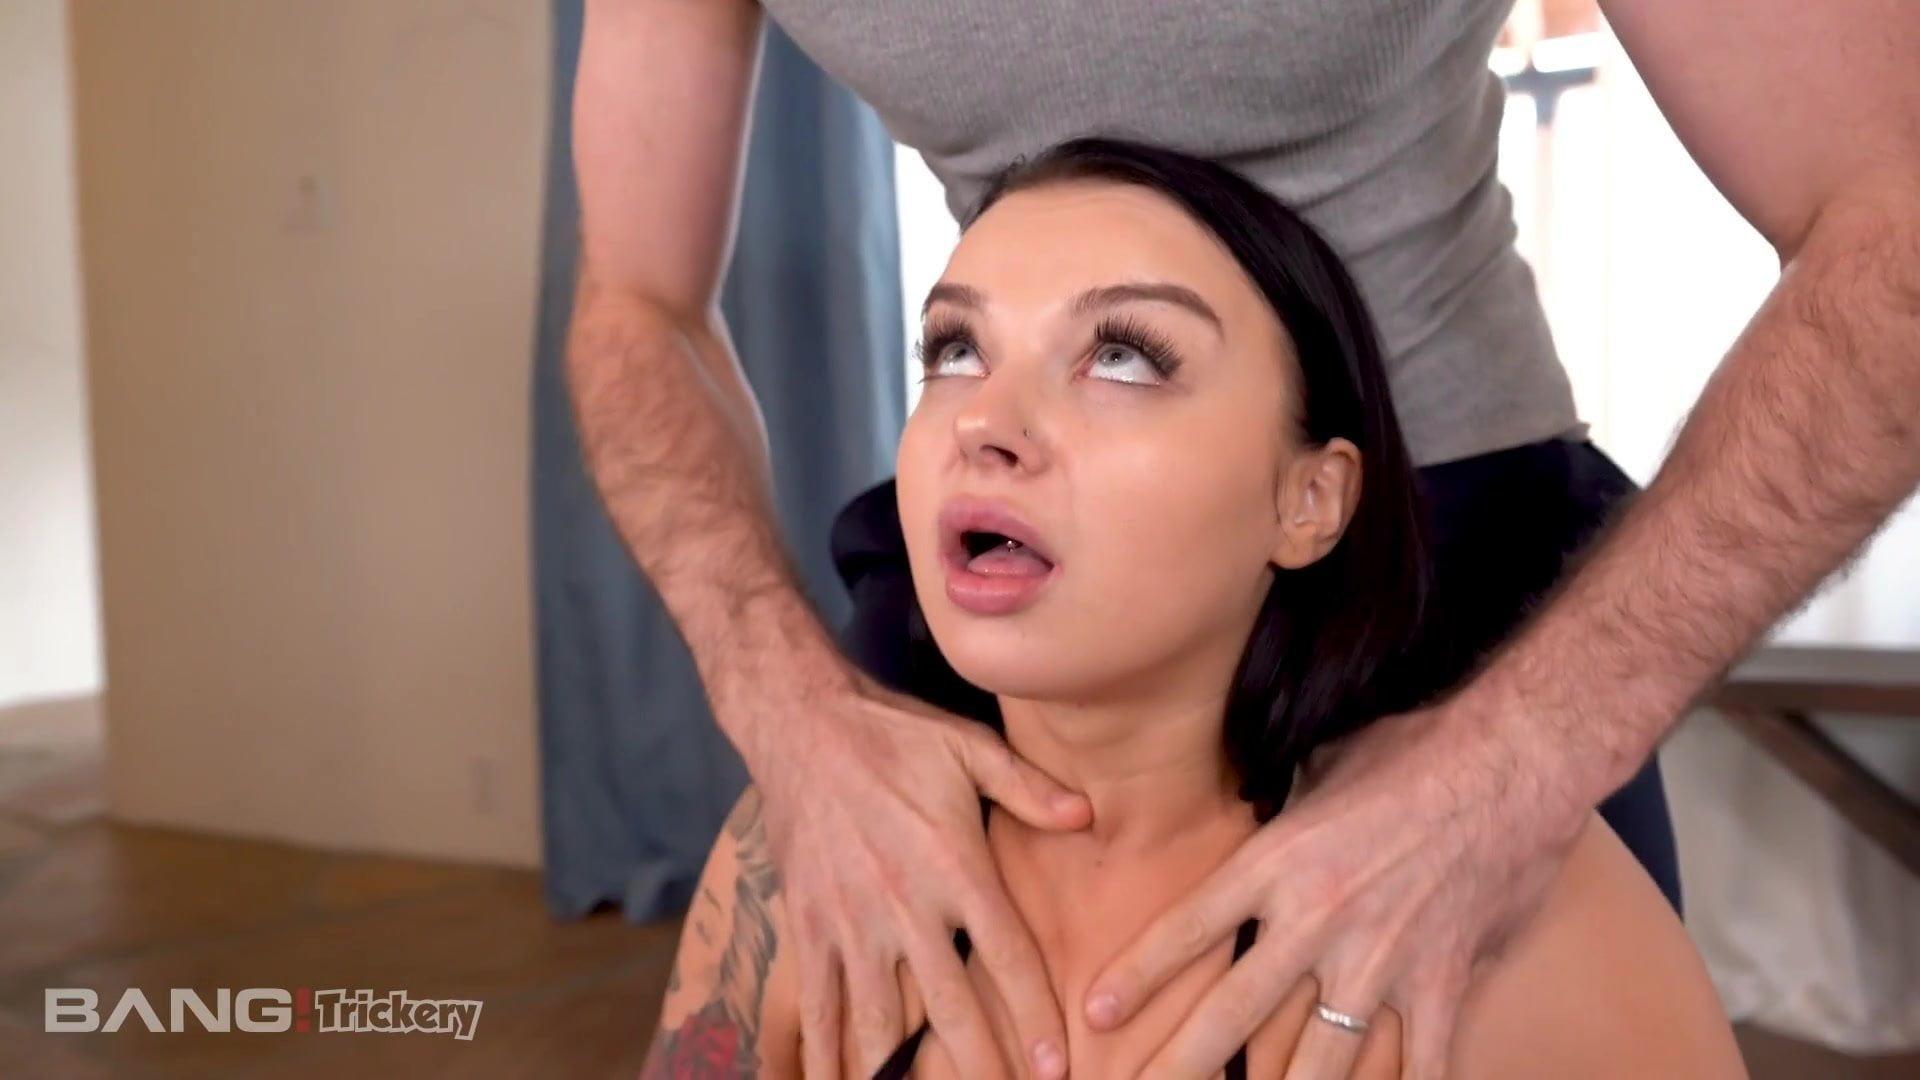 Big Tits Latina Rough Sex